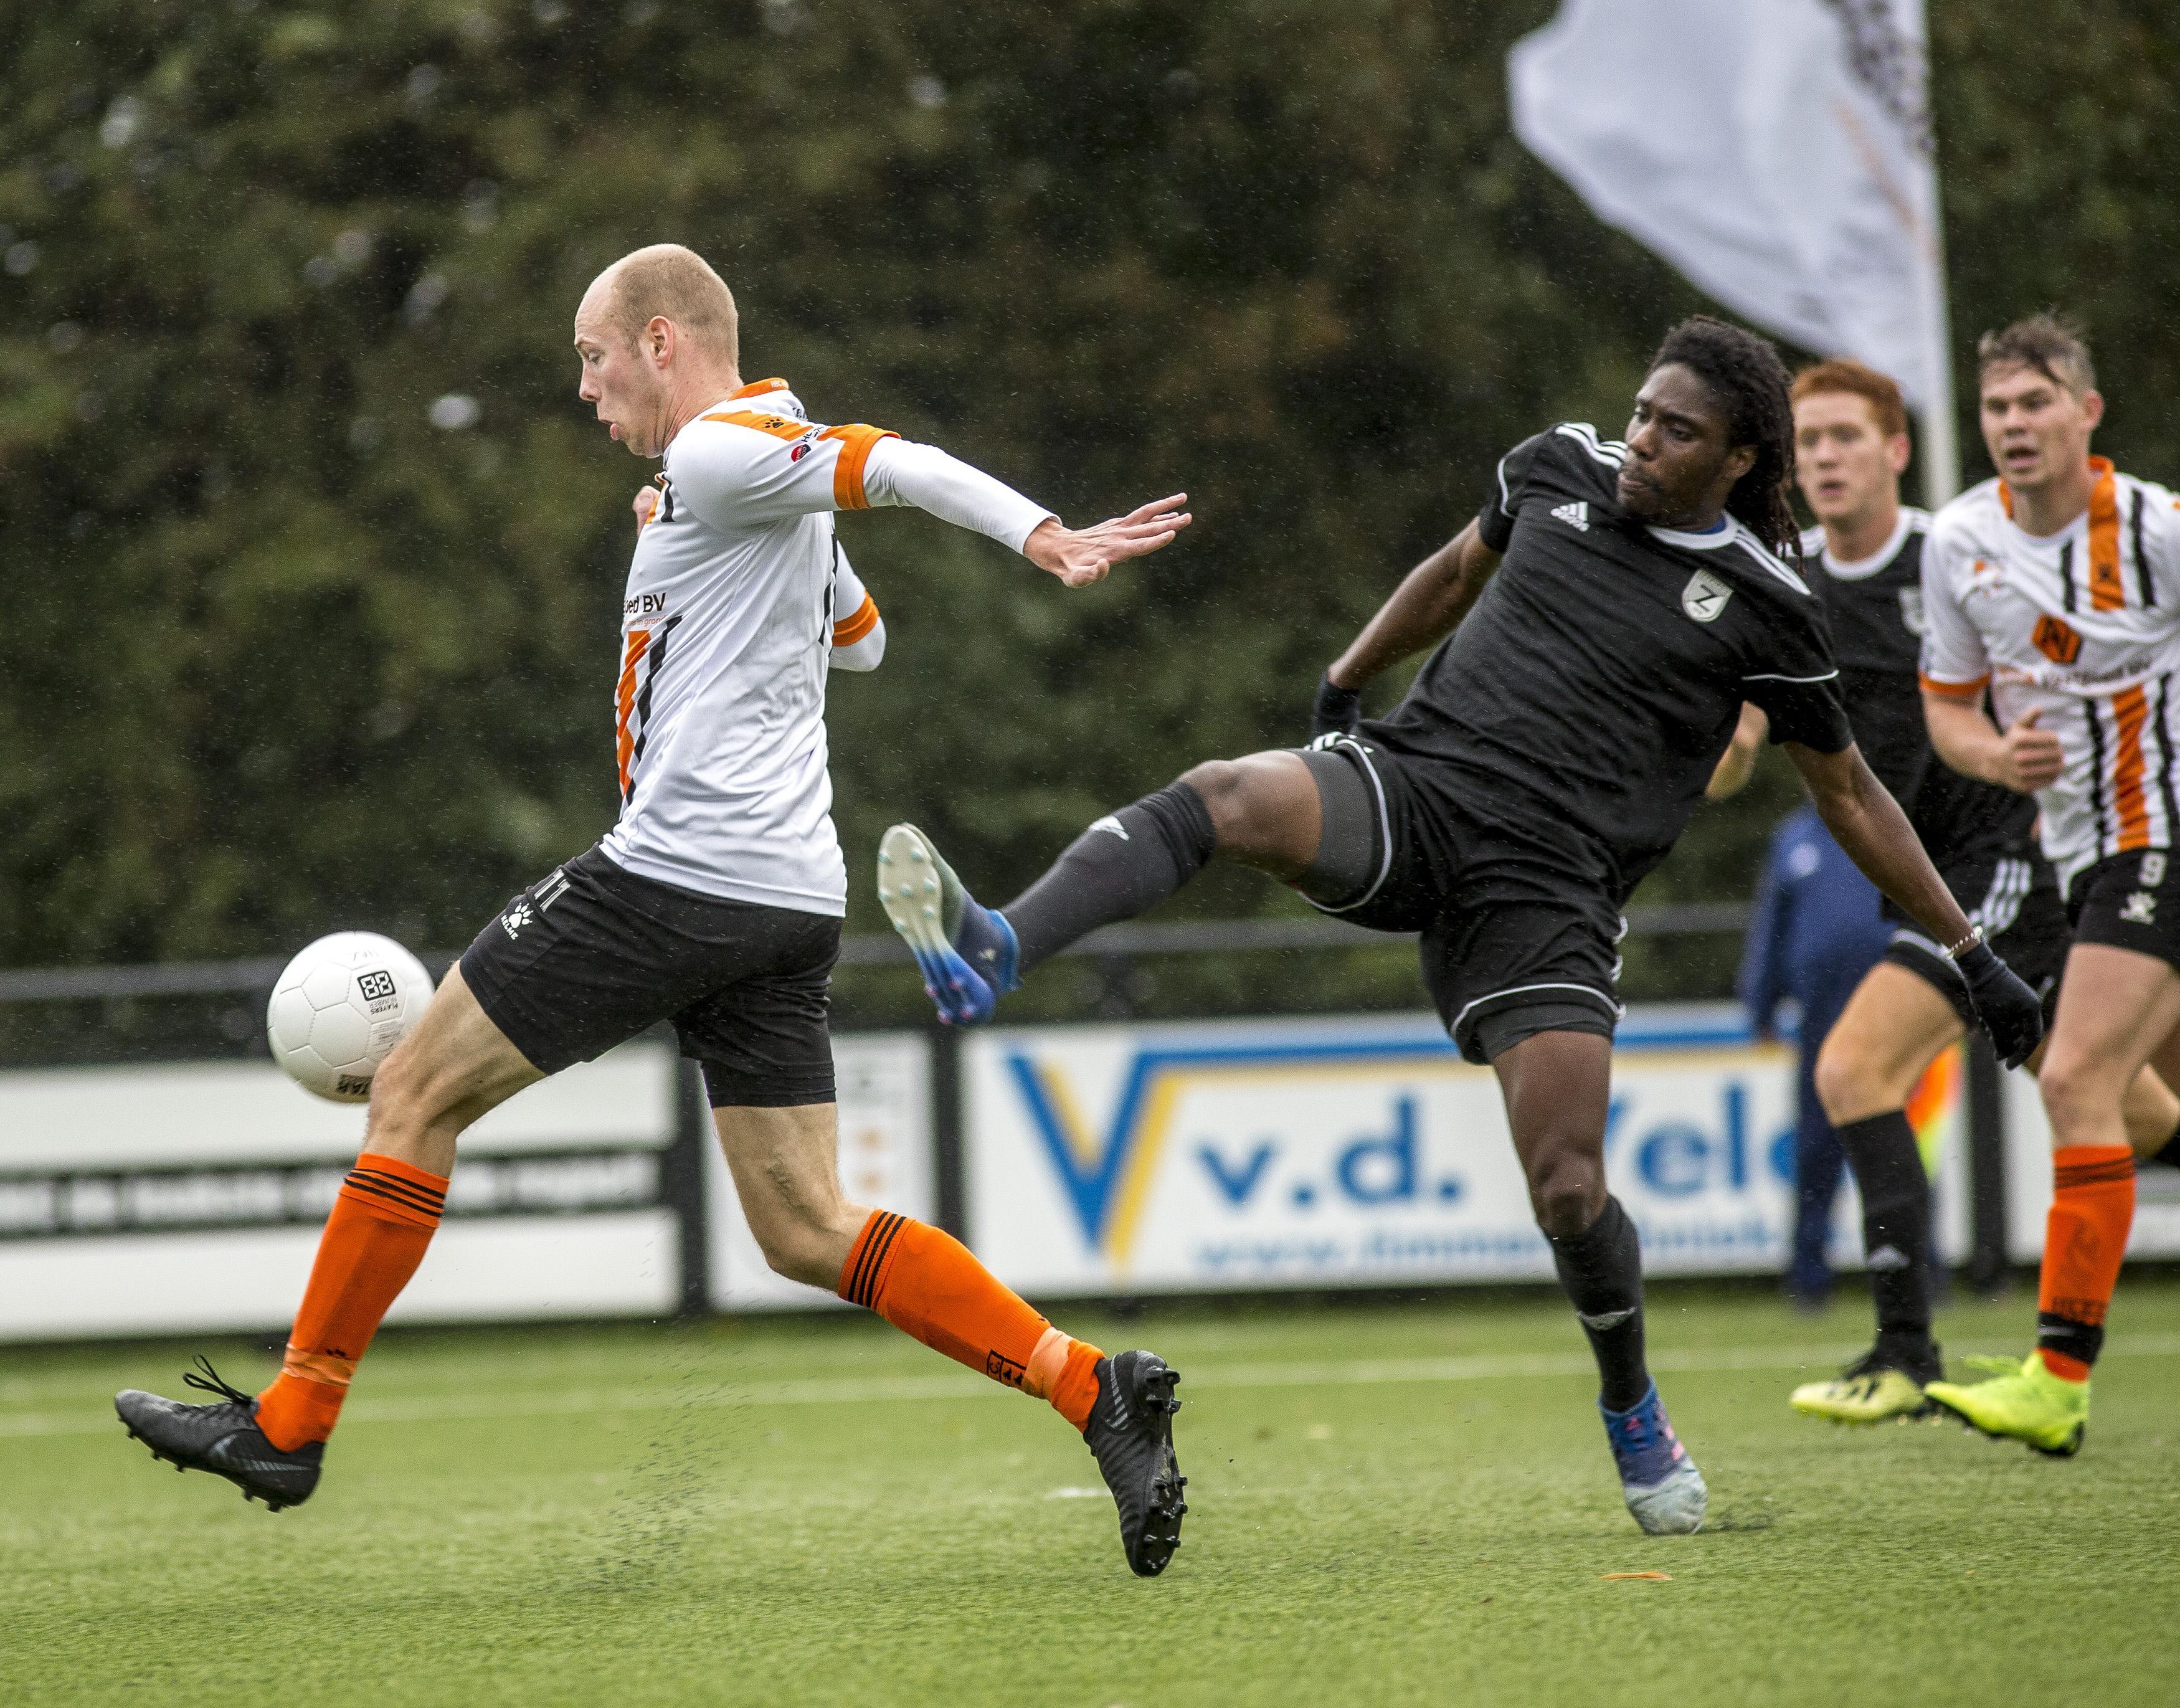 HBC wint van Zeeburgia: 'Dat we gepromoveerd zijn hoeft niet te betekenen dat we om degradatie te spelen'